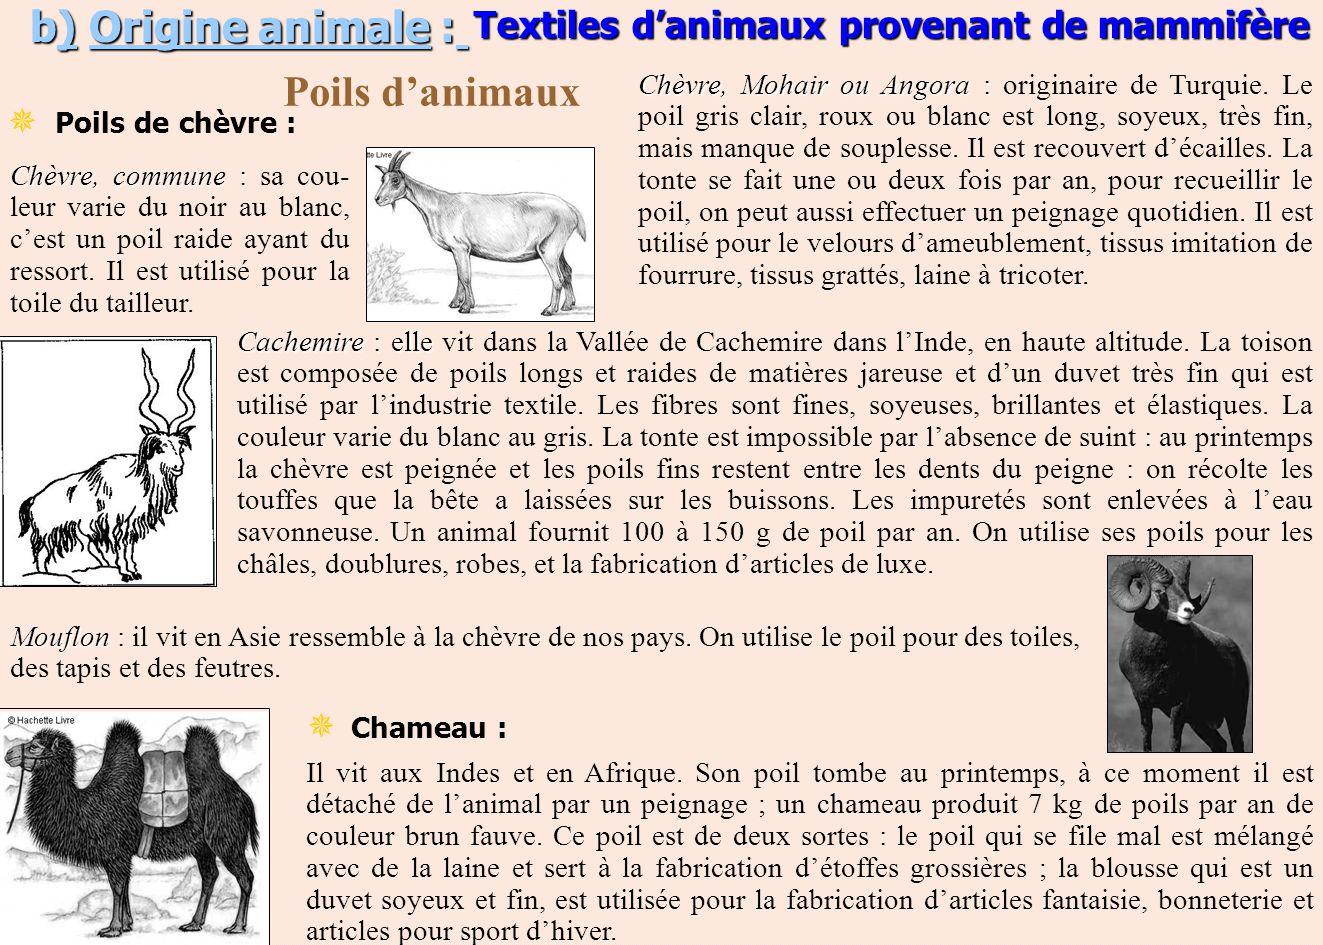 b) Origine animale : Poils danimaux Mouflon : Mouflon : il vit en Asie ressemble à la chèvre de nos pays. On utilise le poil pour des toiles, des tapi